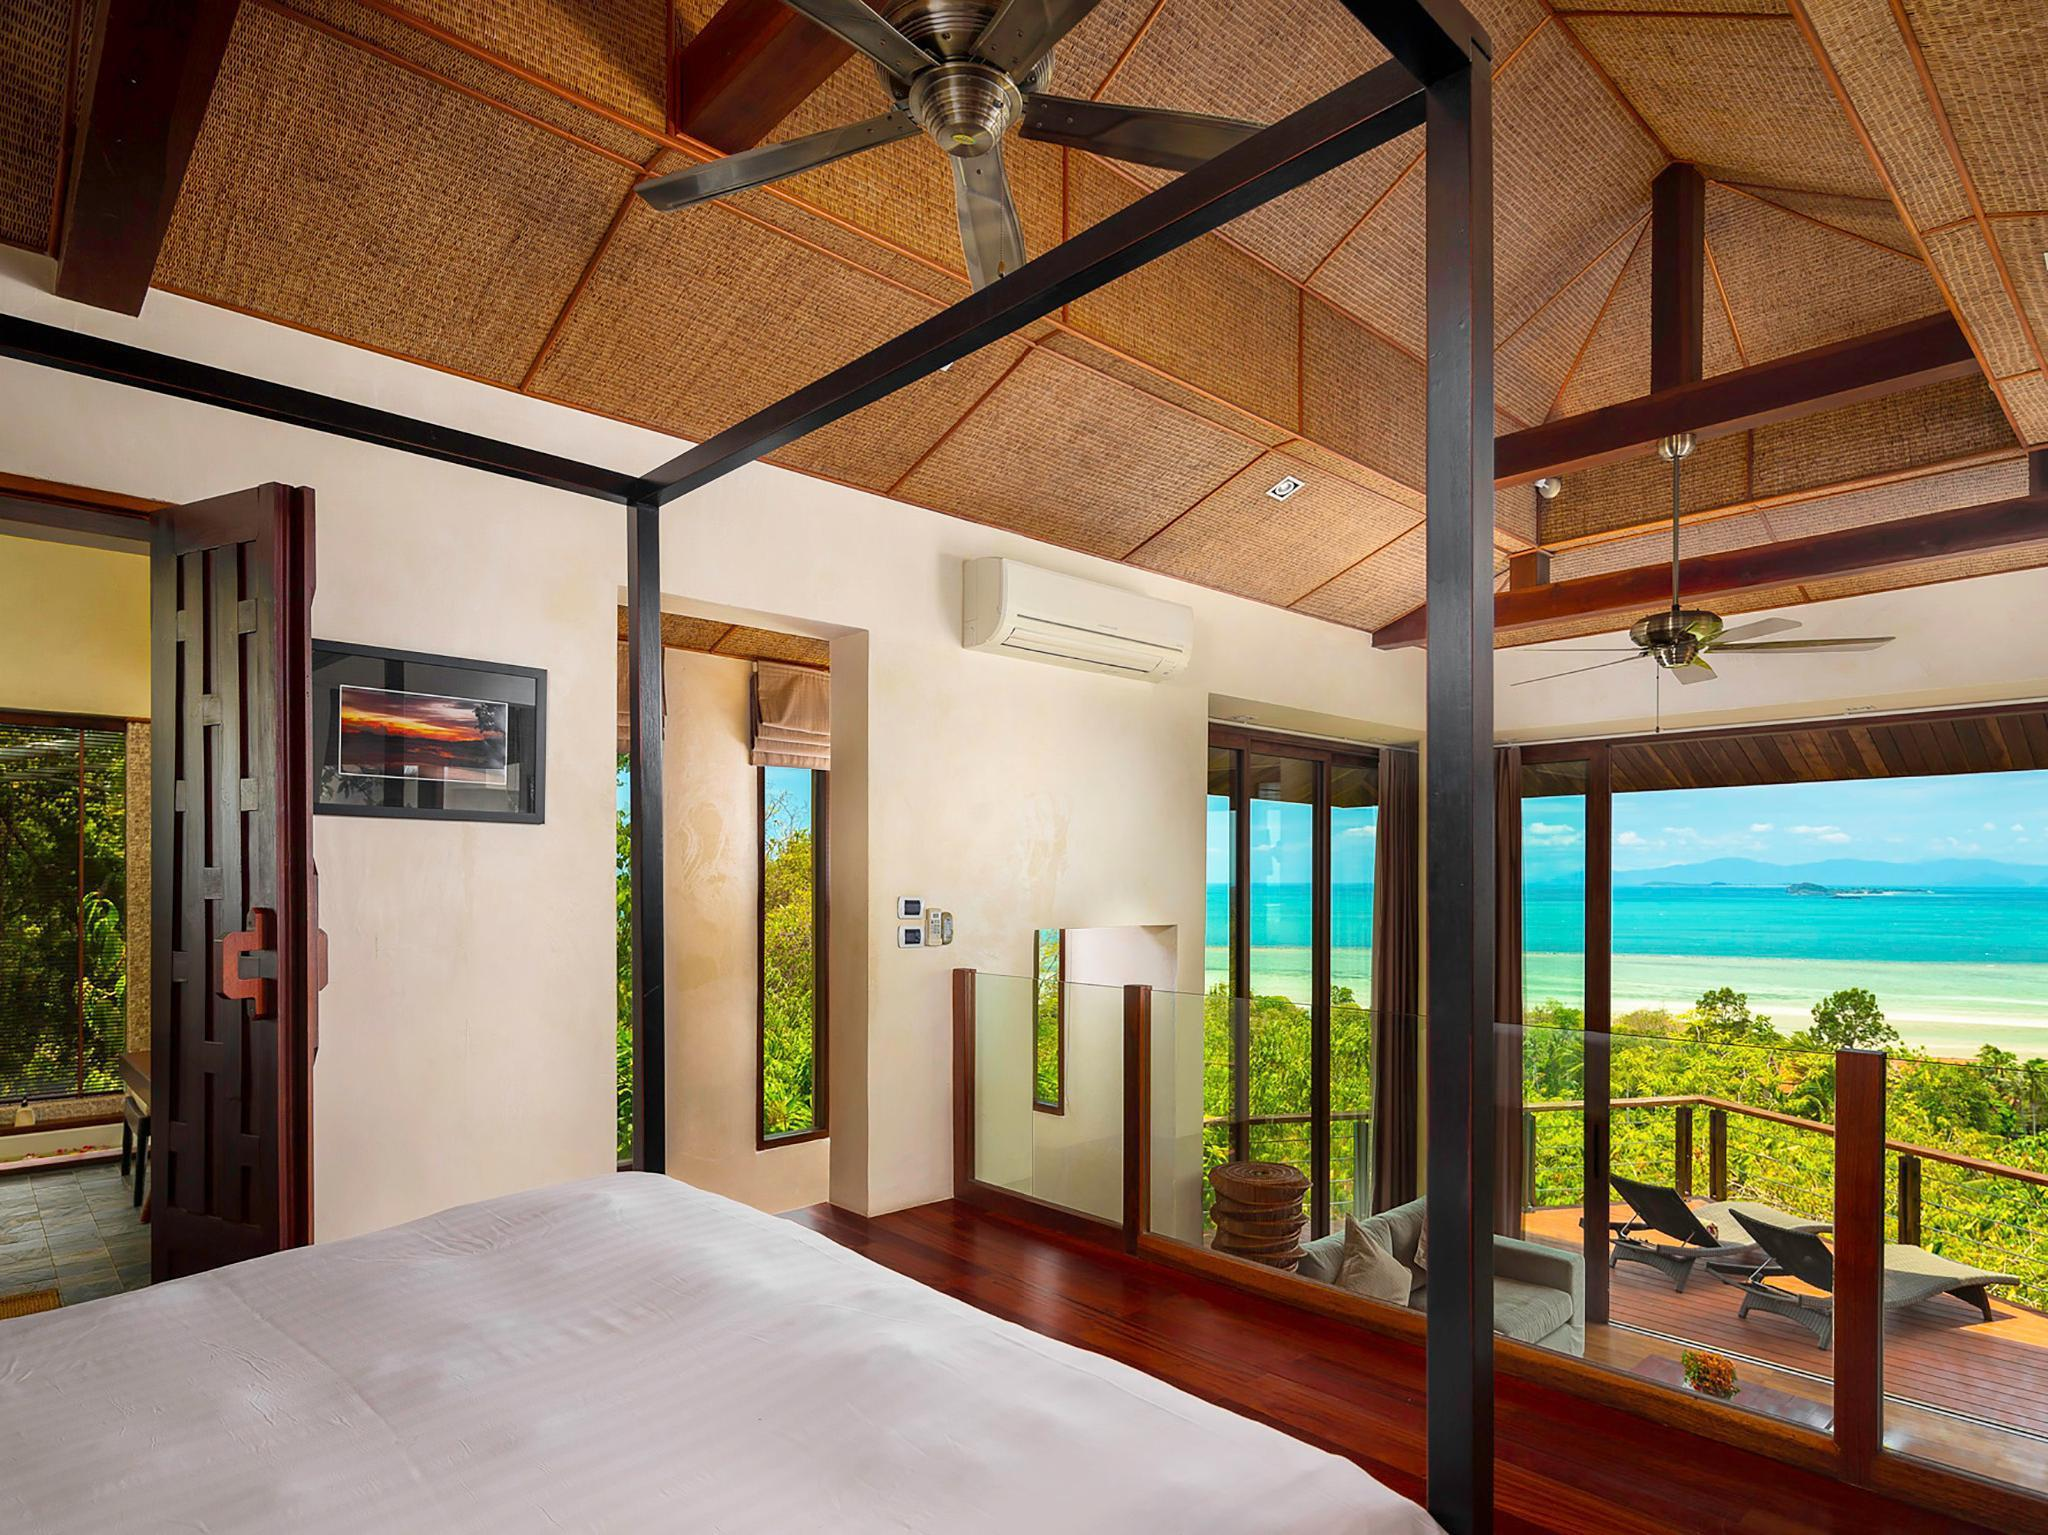 Villa Sila Varee วิลลา 5 ห้องนอน 5 ห้องน้ำส่วนตัว ขนาด 2025 ตร.ม. – หัวถนน